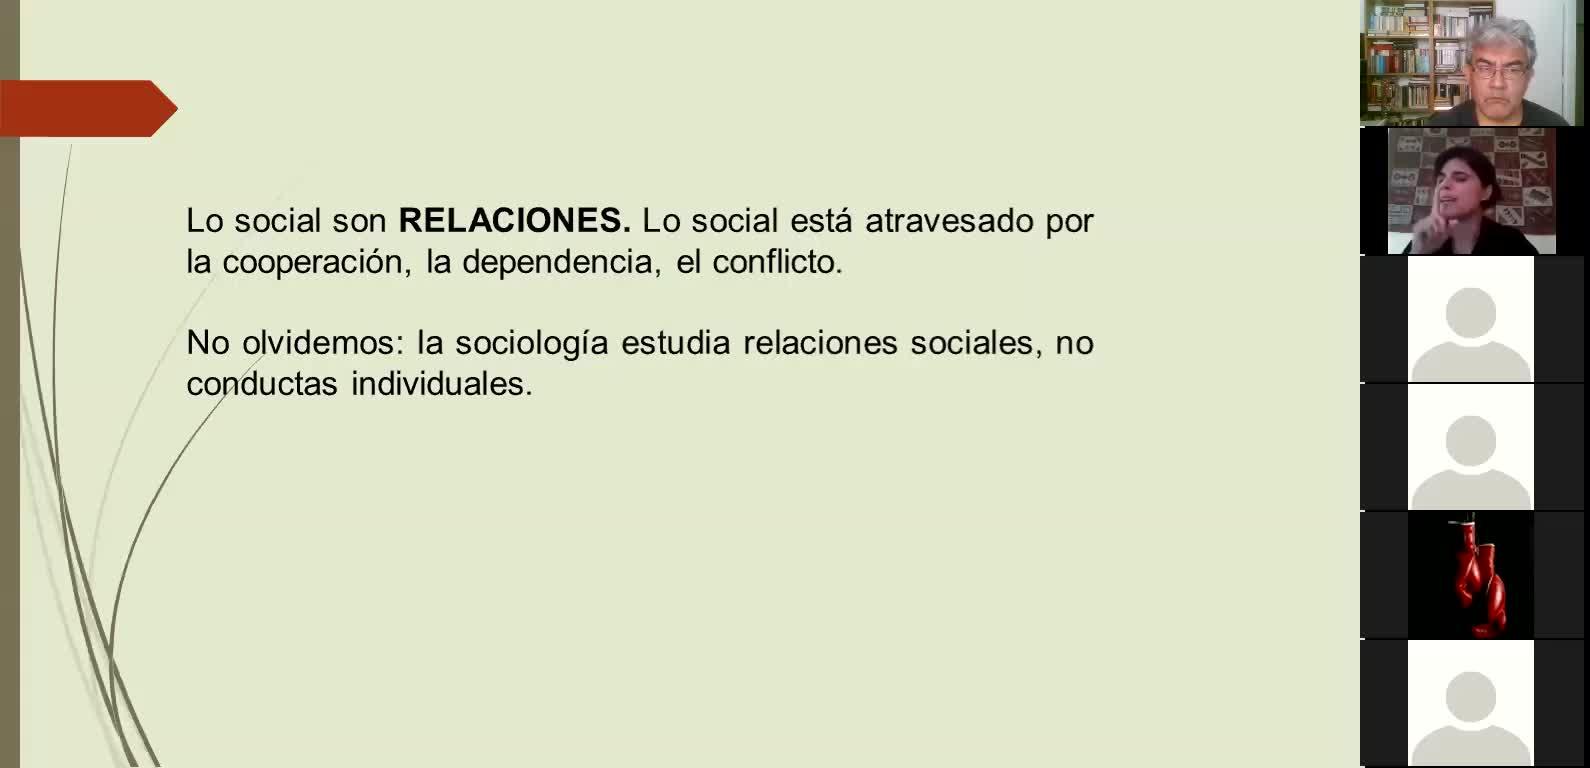 Sociología clase teórica 3 23 marzo